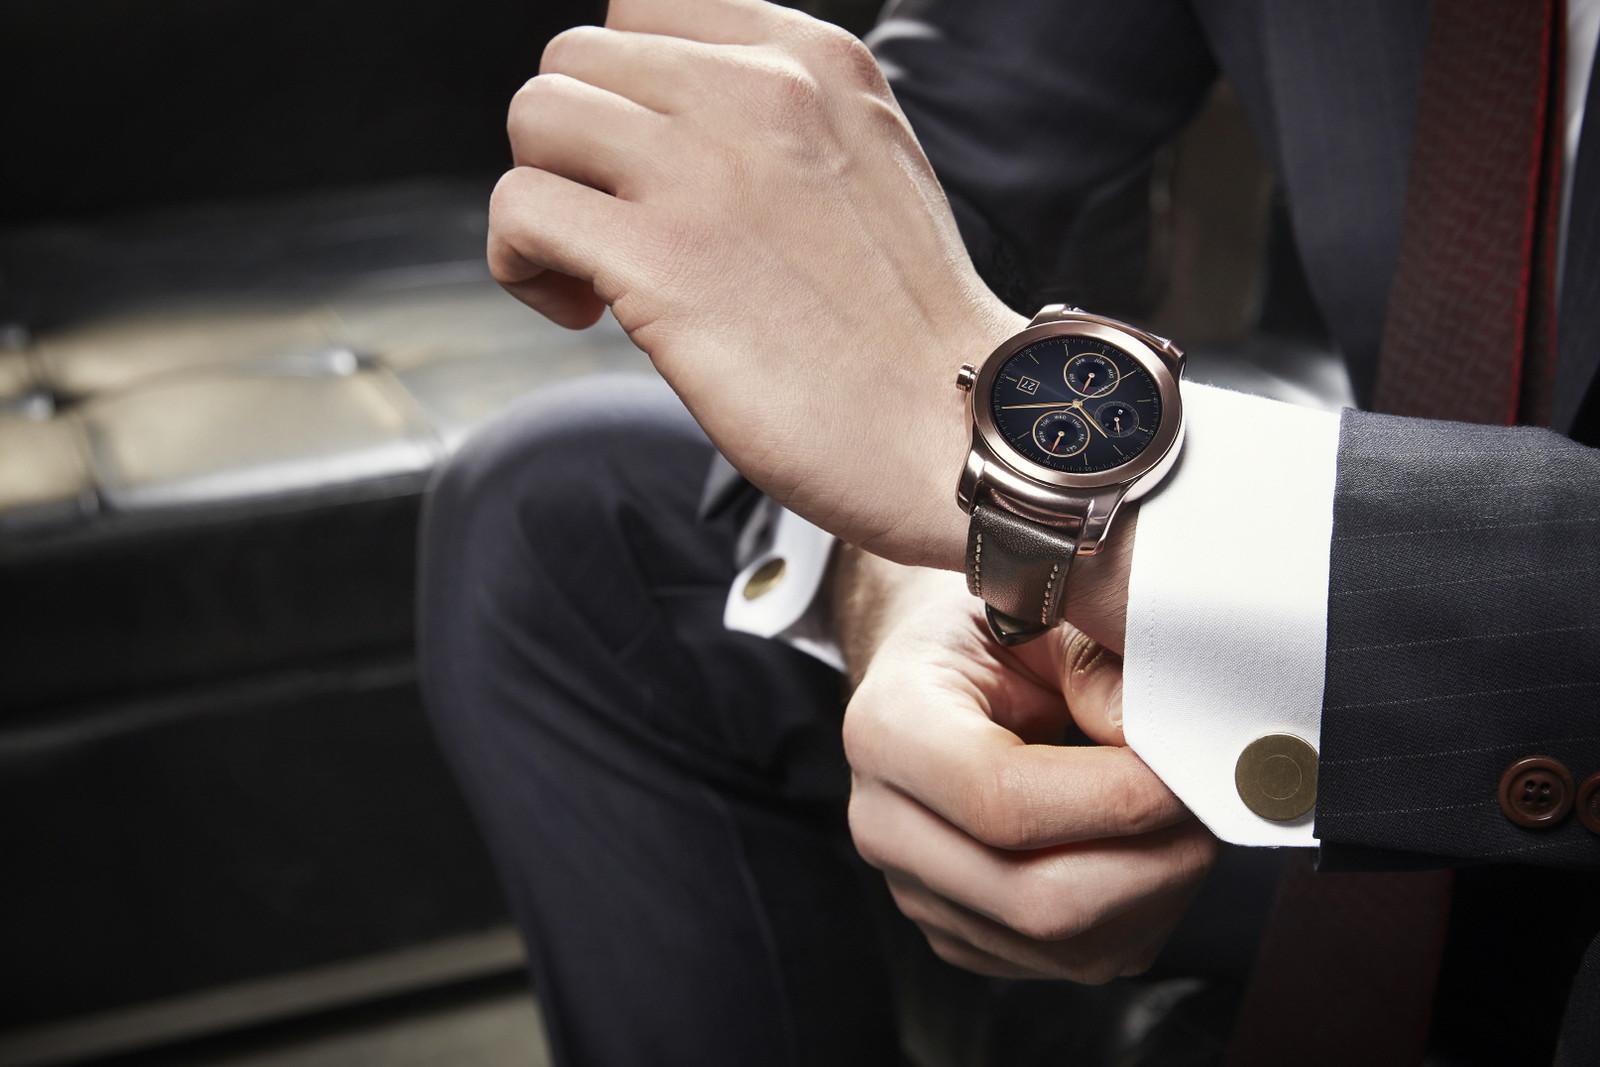 Niemożliwe staje się możliwe – najładniejszy zegarek z Androidem będzie jeszcze lepszy